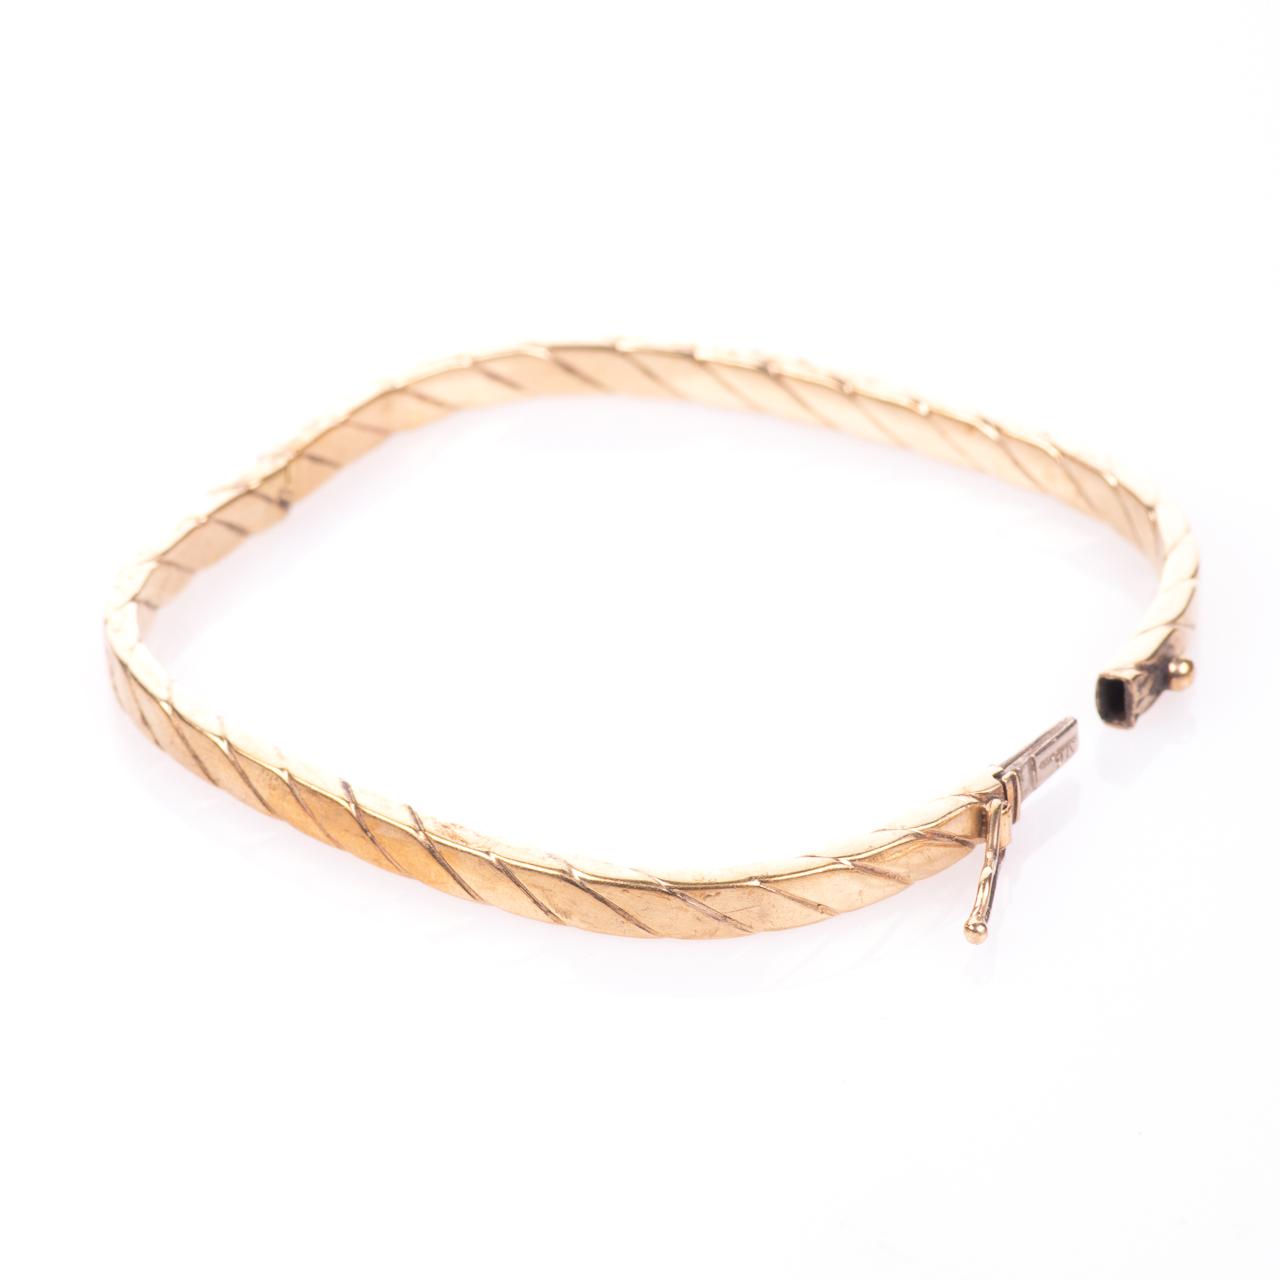 9ct Gold Bangle Bracelet - Image 3 of 6